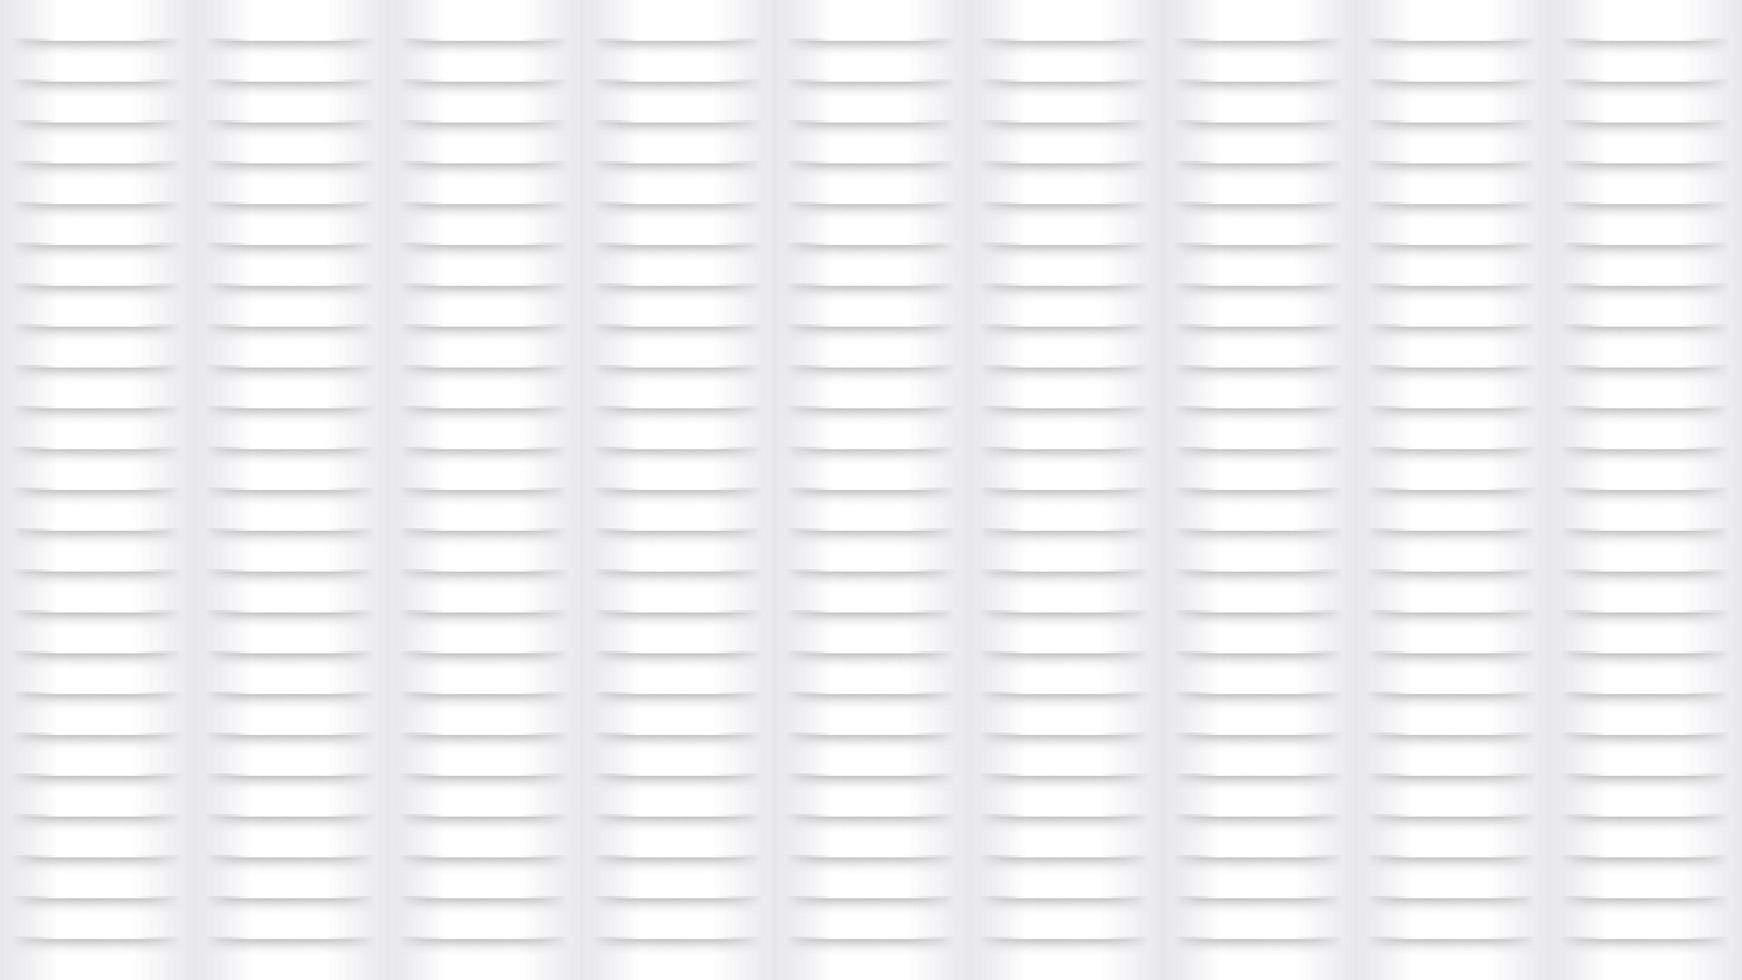 weiße und graue gestapelte Rechteckspaltenstruktur vektor